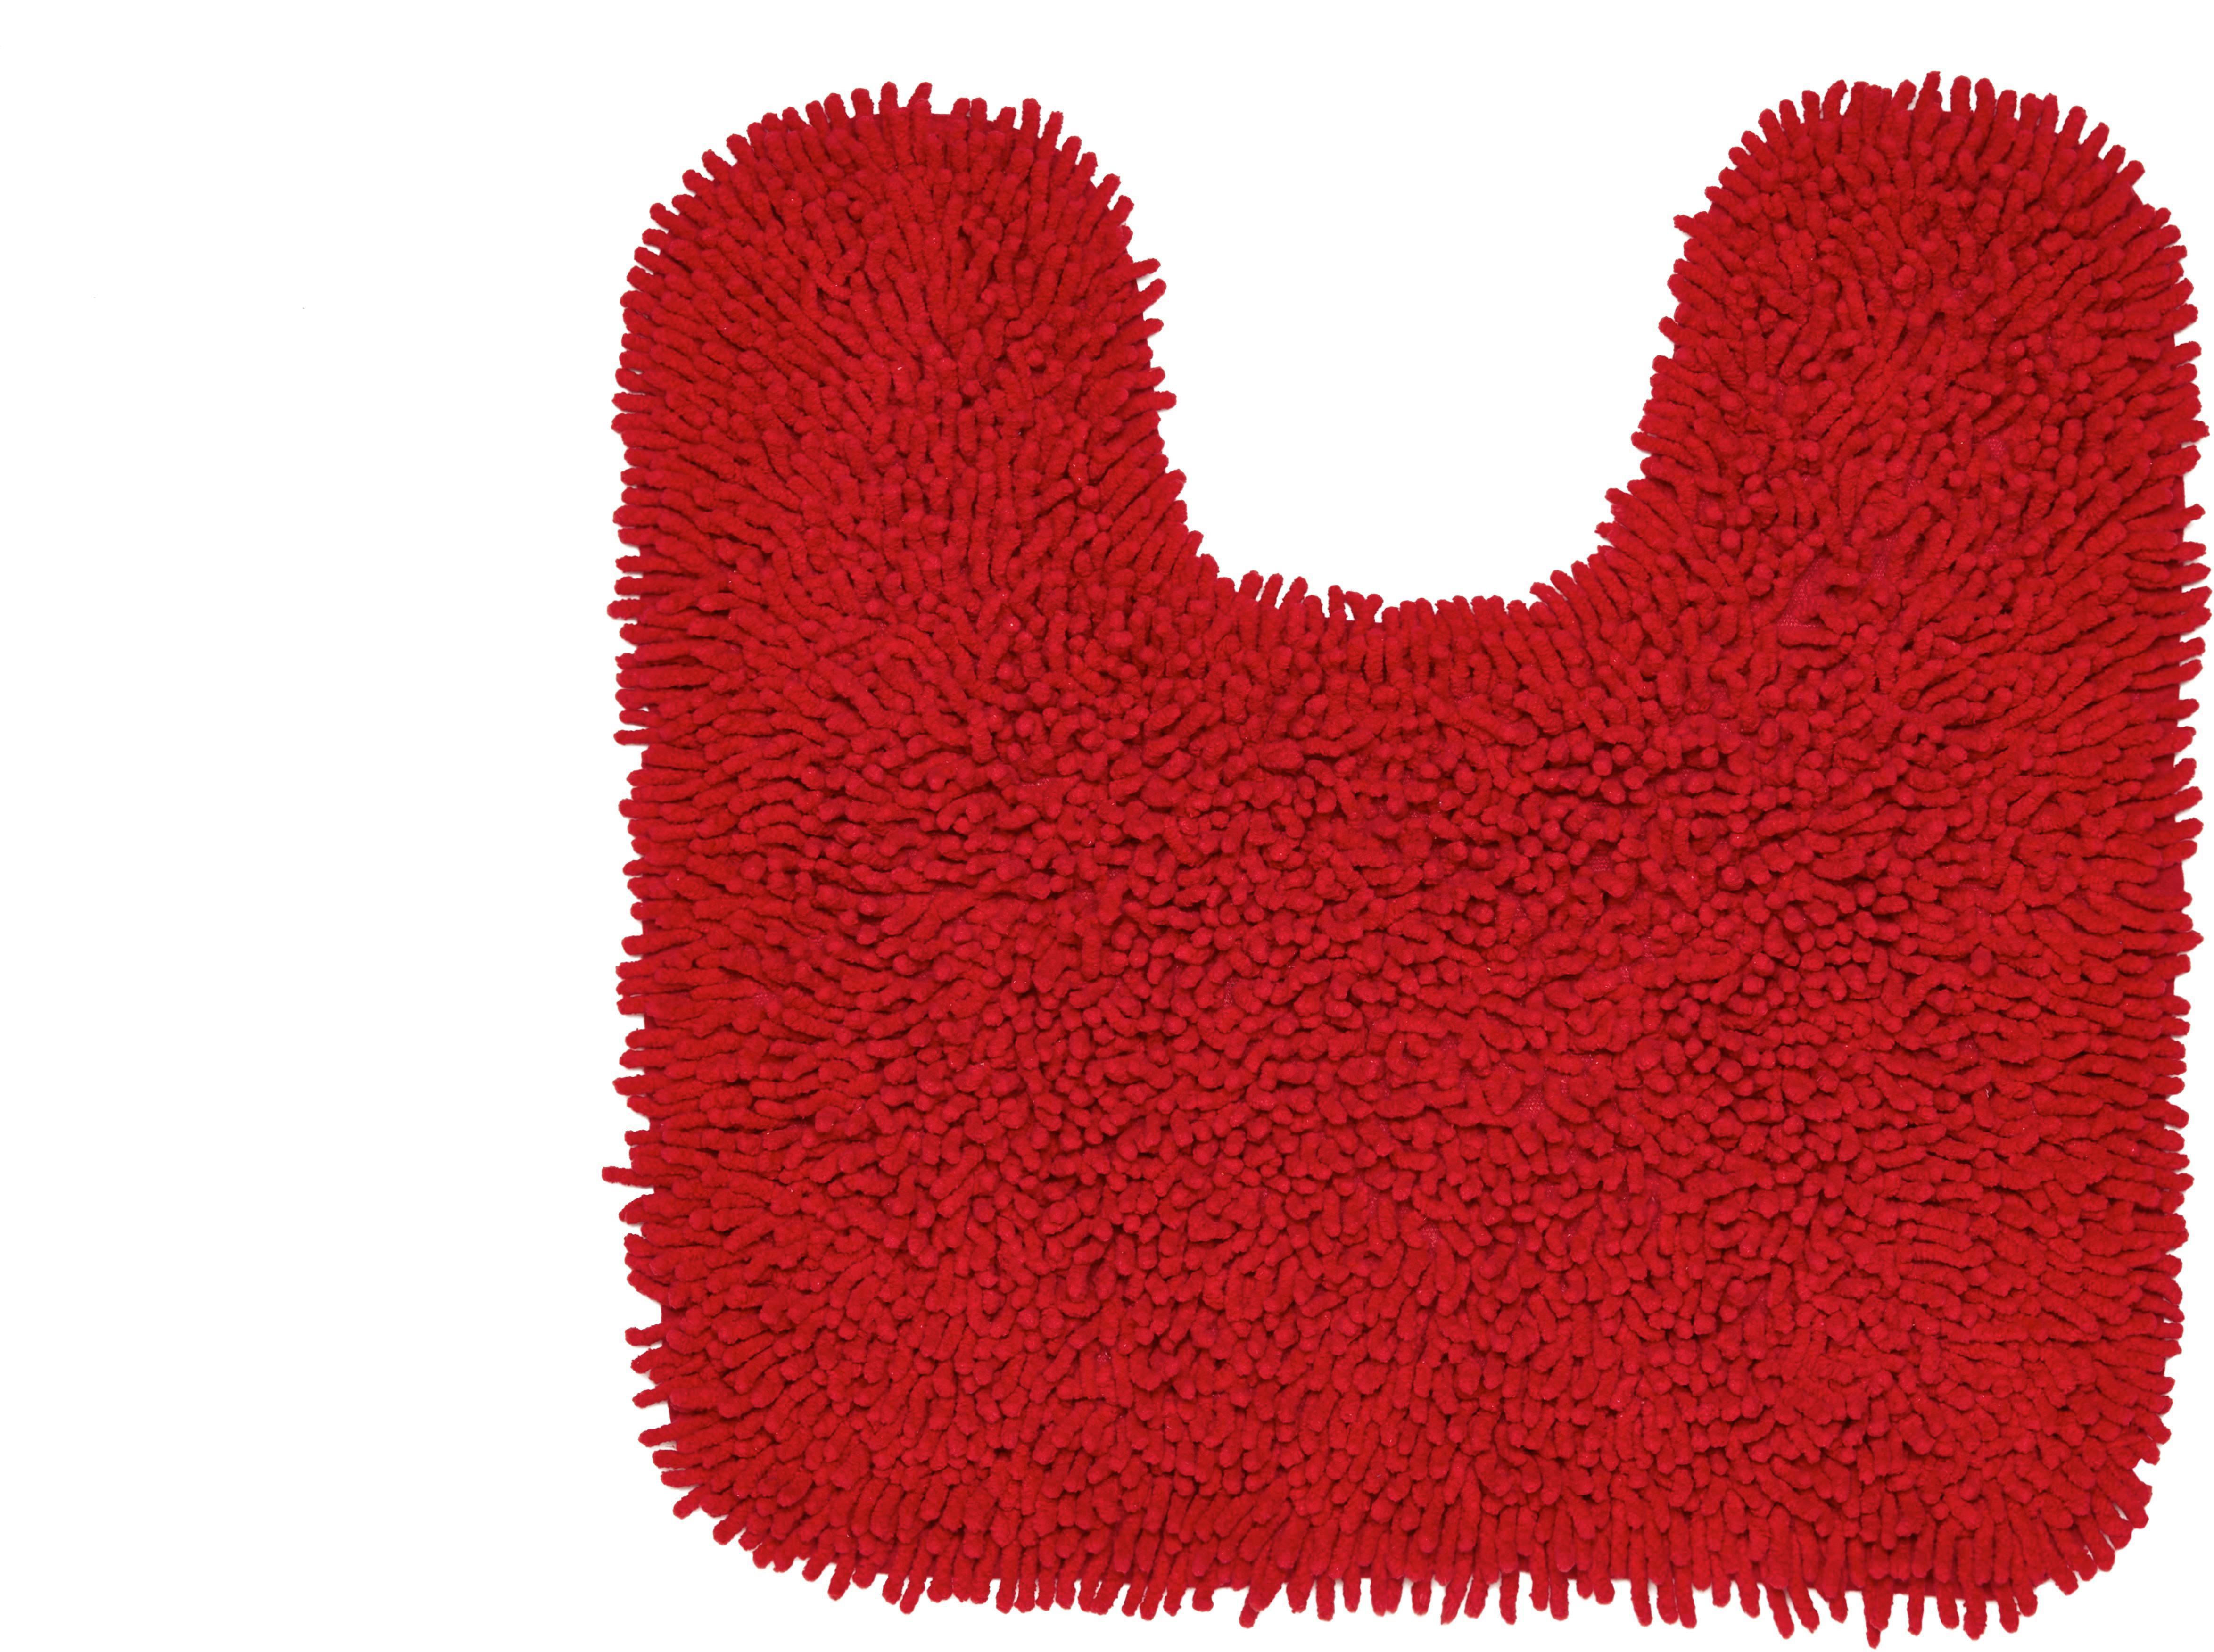 WC-Vorleger Jenny ca. 55x55cm - Rot, Textil (55/55cm) - MÖMAX modern living